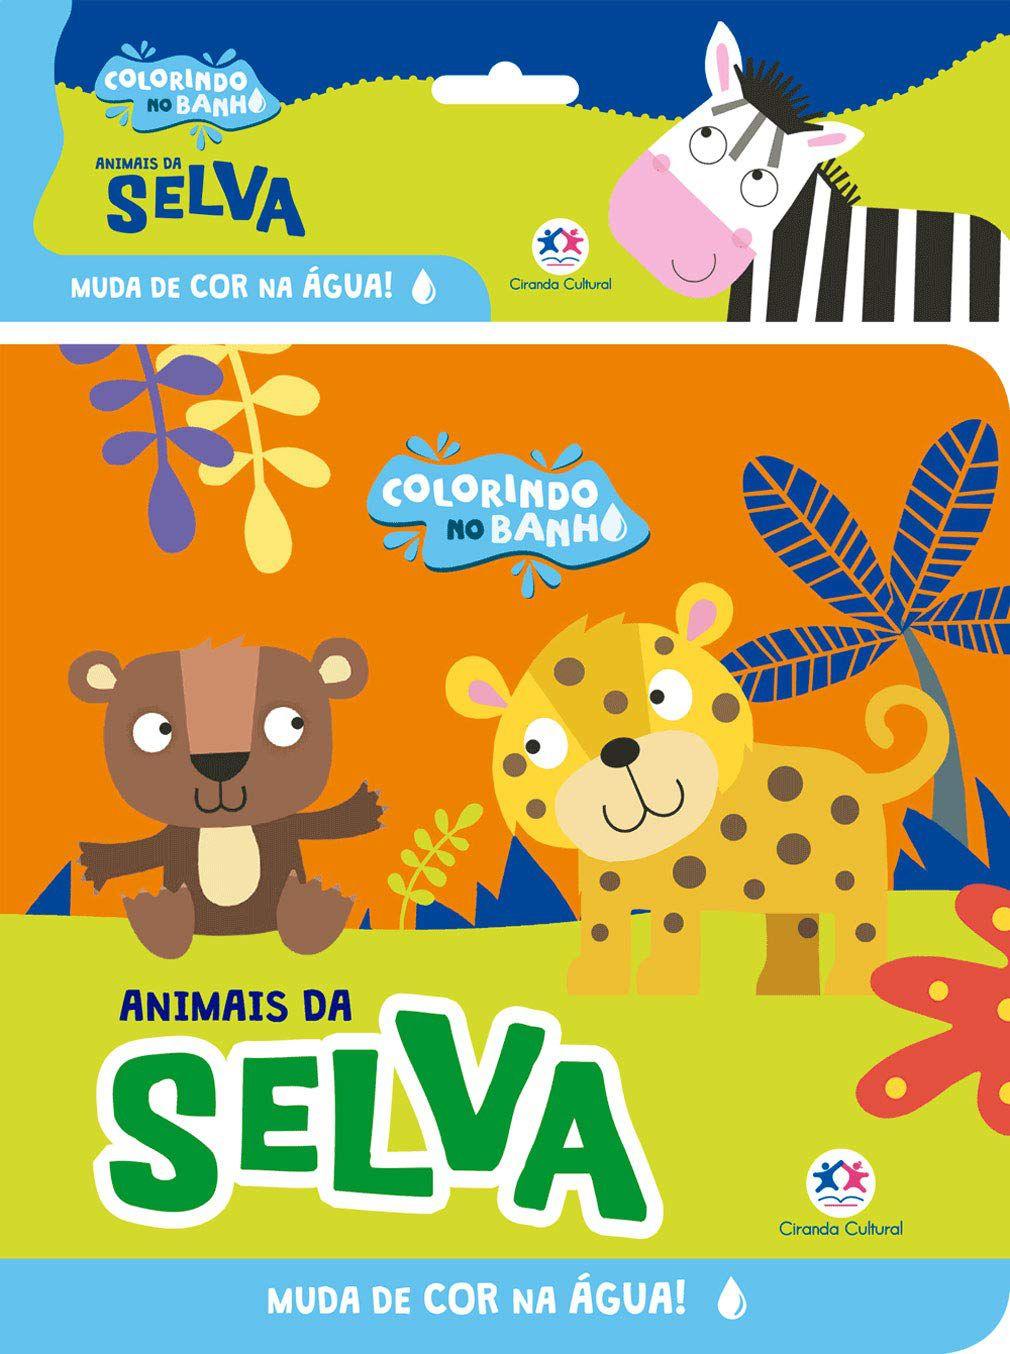 COLORINDO NO BANHO - ANIMAIS DA SELVA